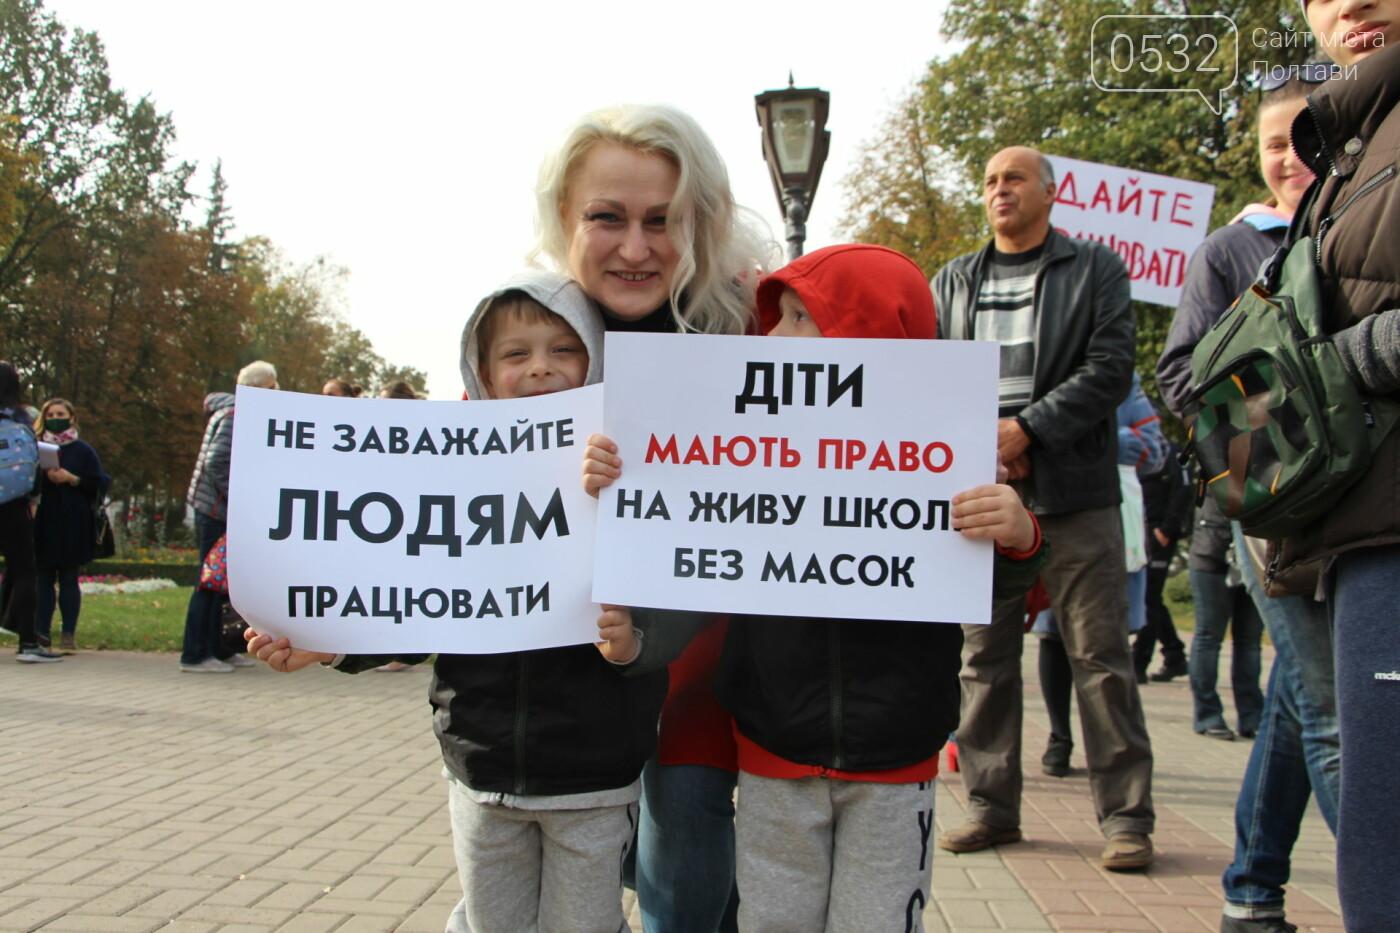 """Полтава вийшла проти """"червоної"""" зони: скільки людей і чого вимагають (ФОТОРЕПОРТАЖ), фото-13"""